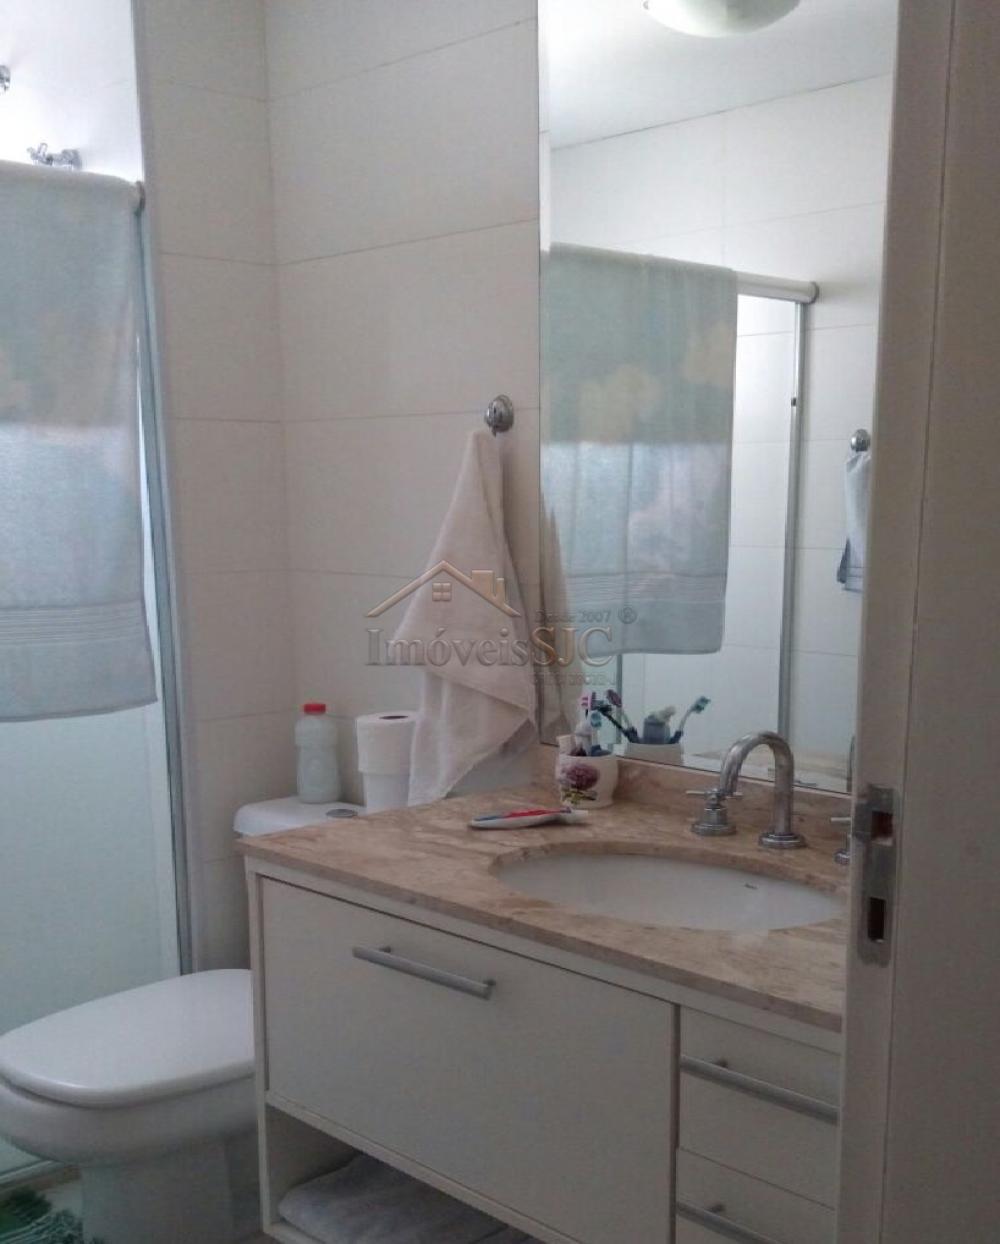 Comprar Apartamentos / Padrão em São José dos Campos apenas R$ 1.700.000,00 - Foto 8